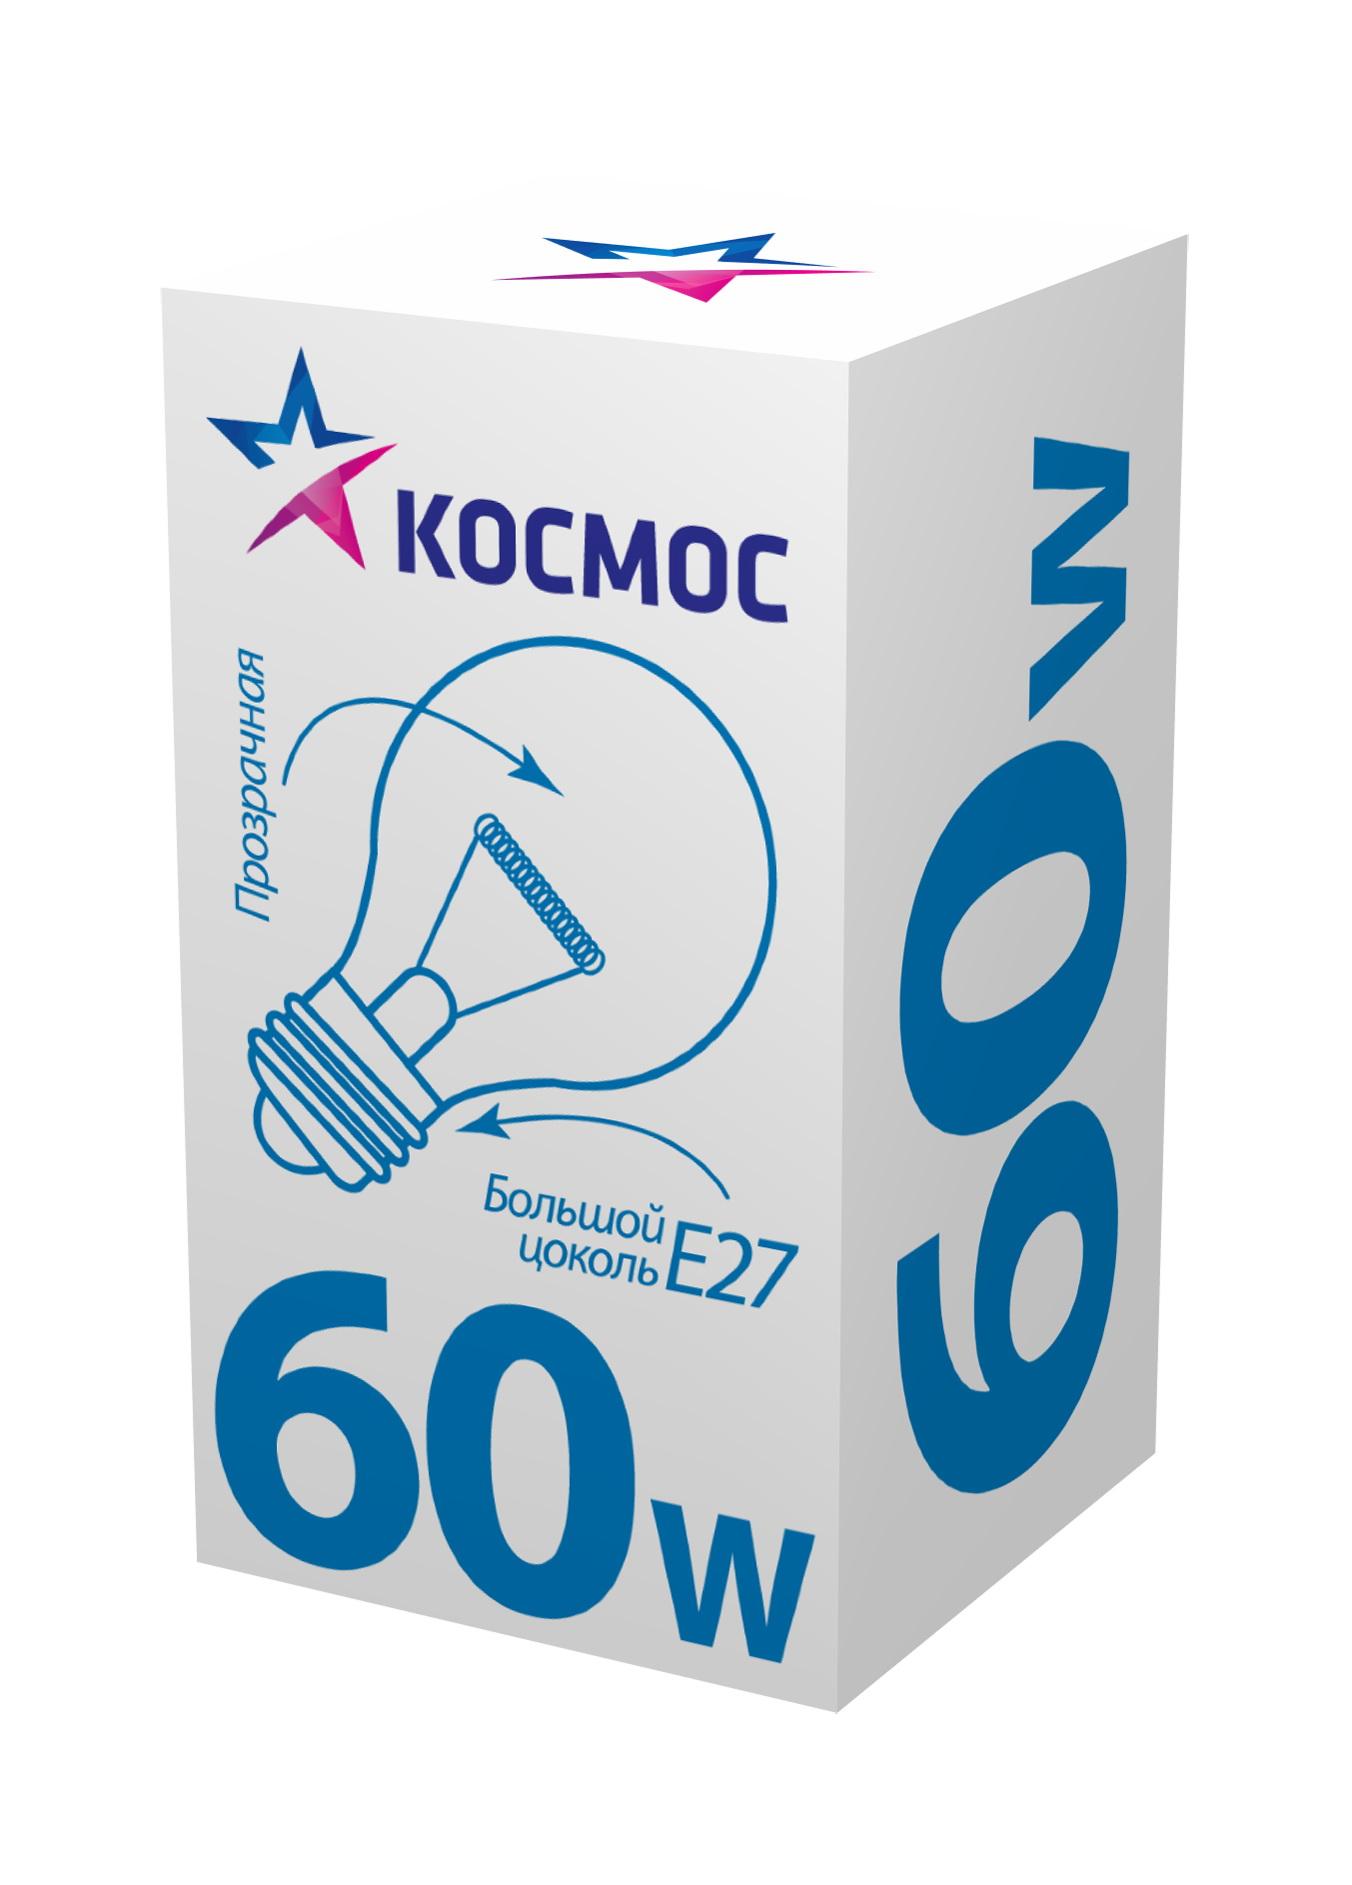 Лампа накаливания КОСМОС 60 Ватт груша прозрачная Е27